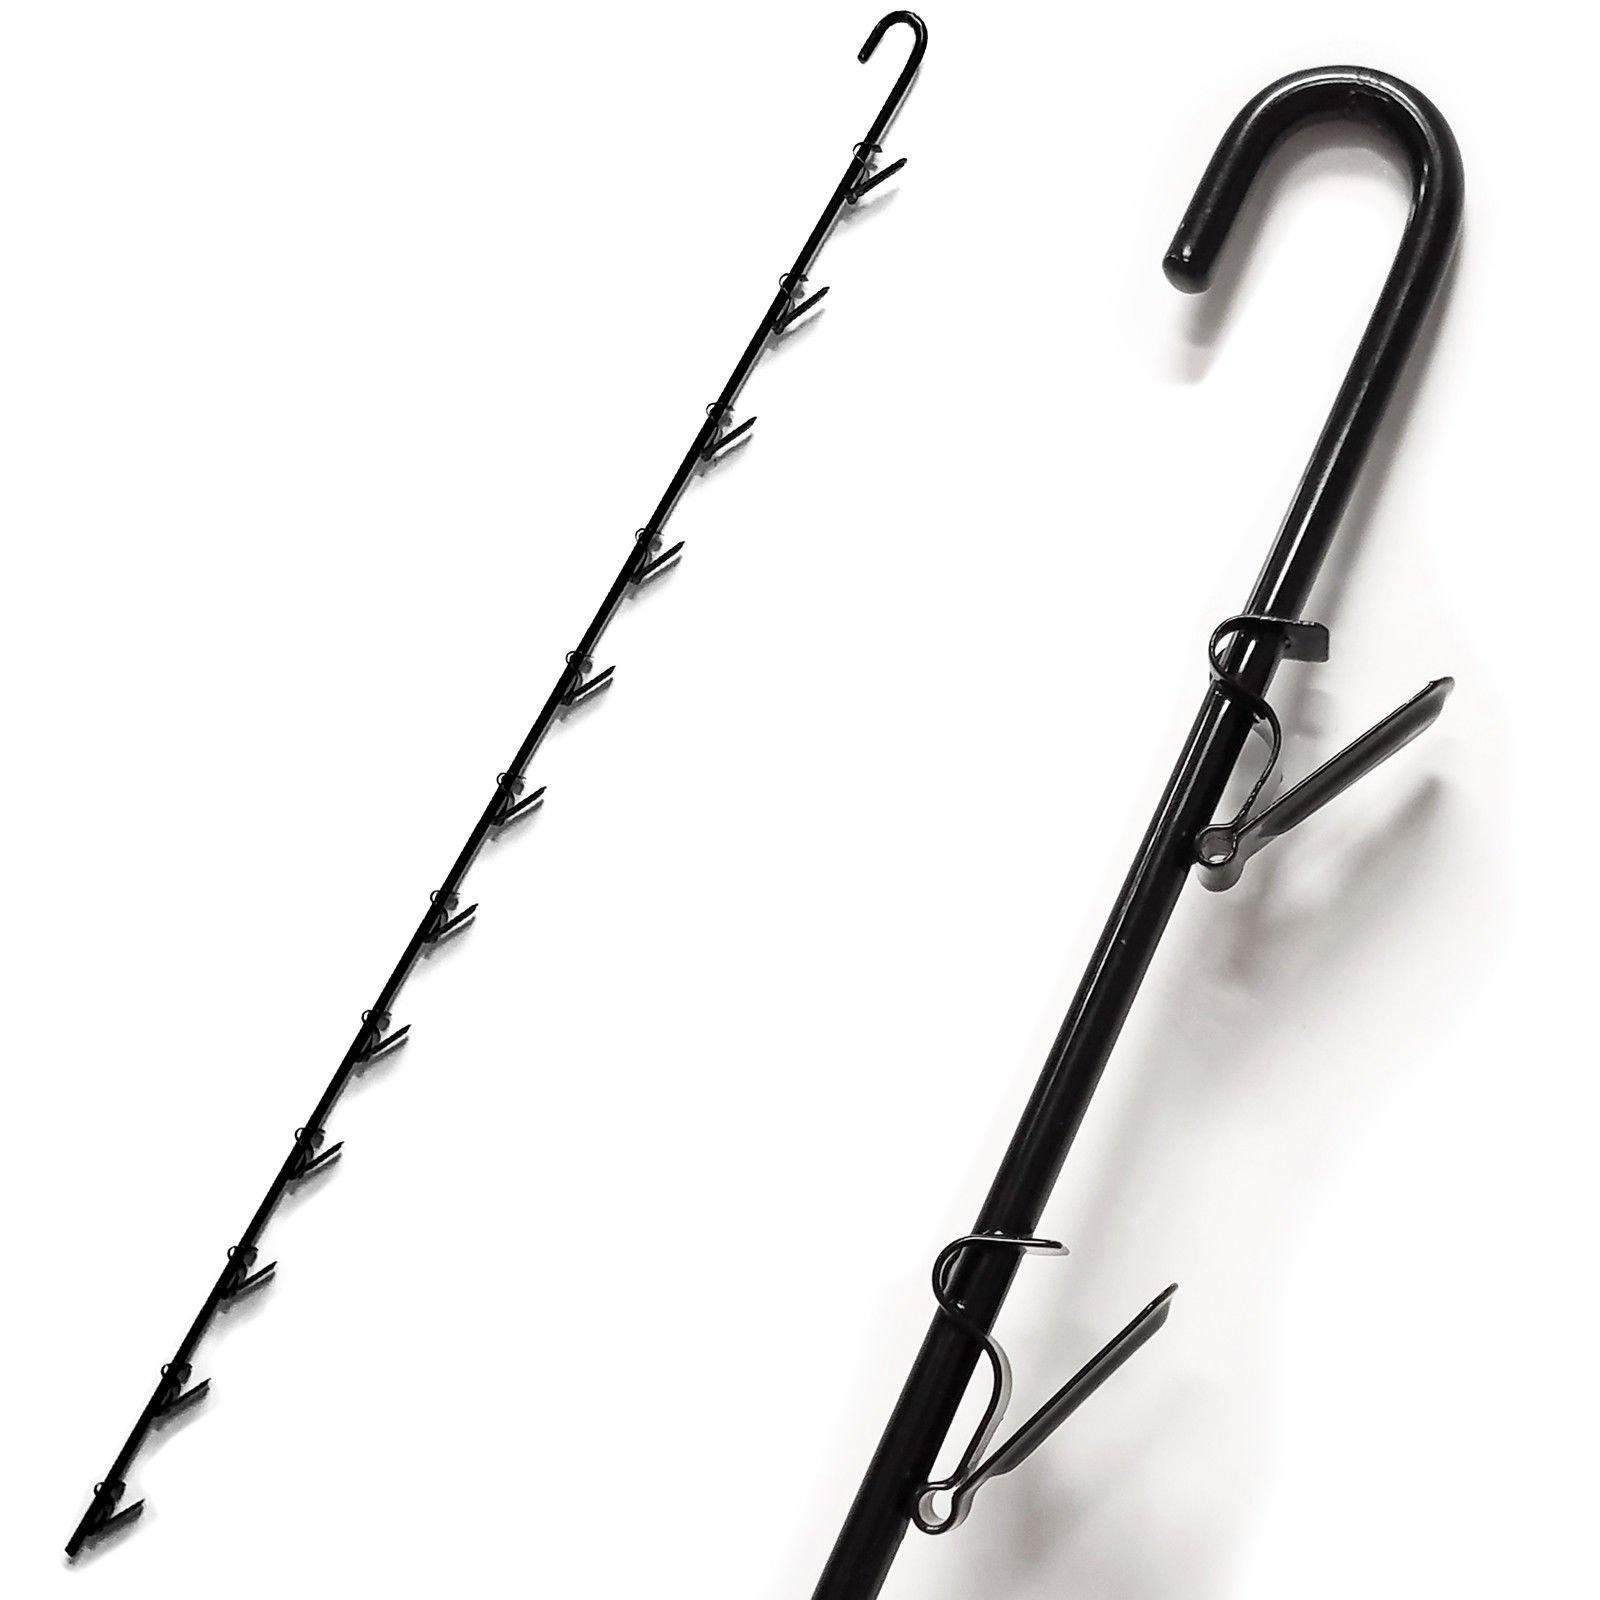 Heavy Duty Metal Merchandising Hanging Clip Strip Display w/ 12 Item Hangers 29'' L - Black, 5 Pack